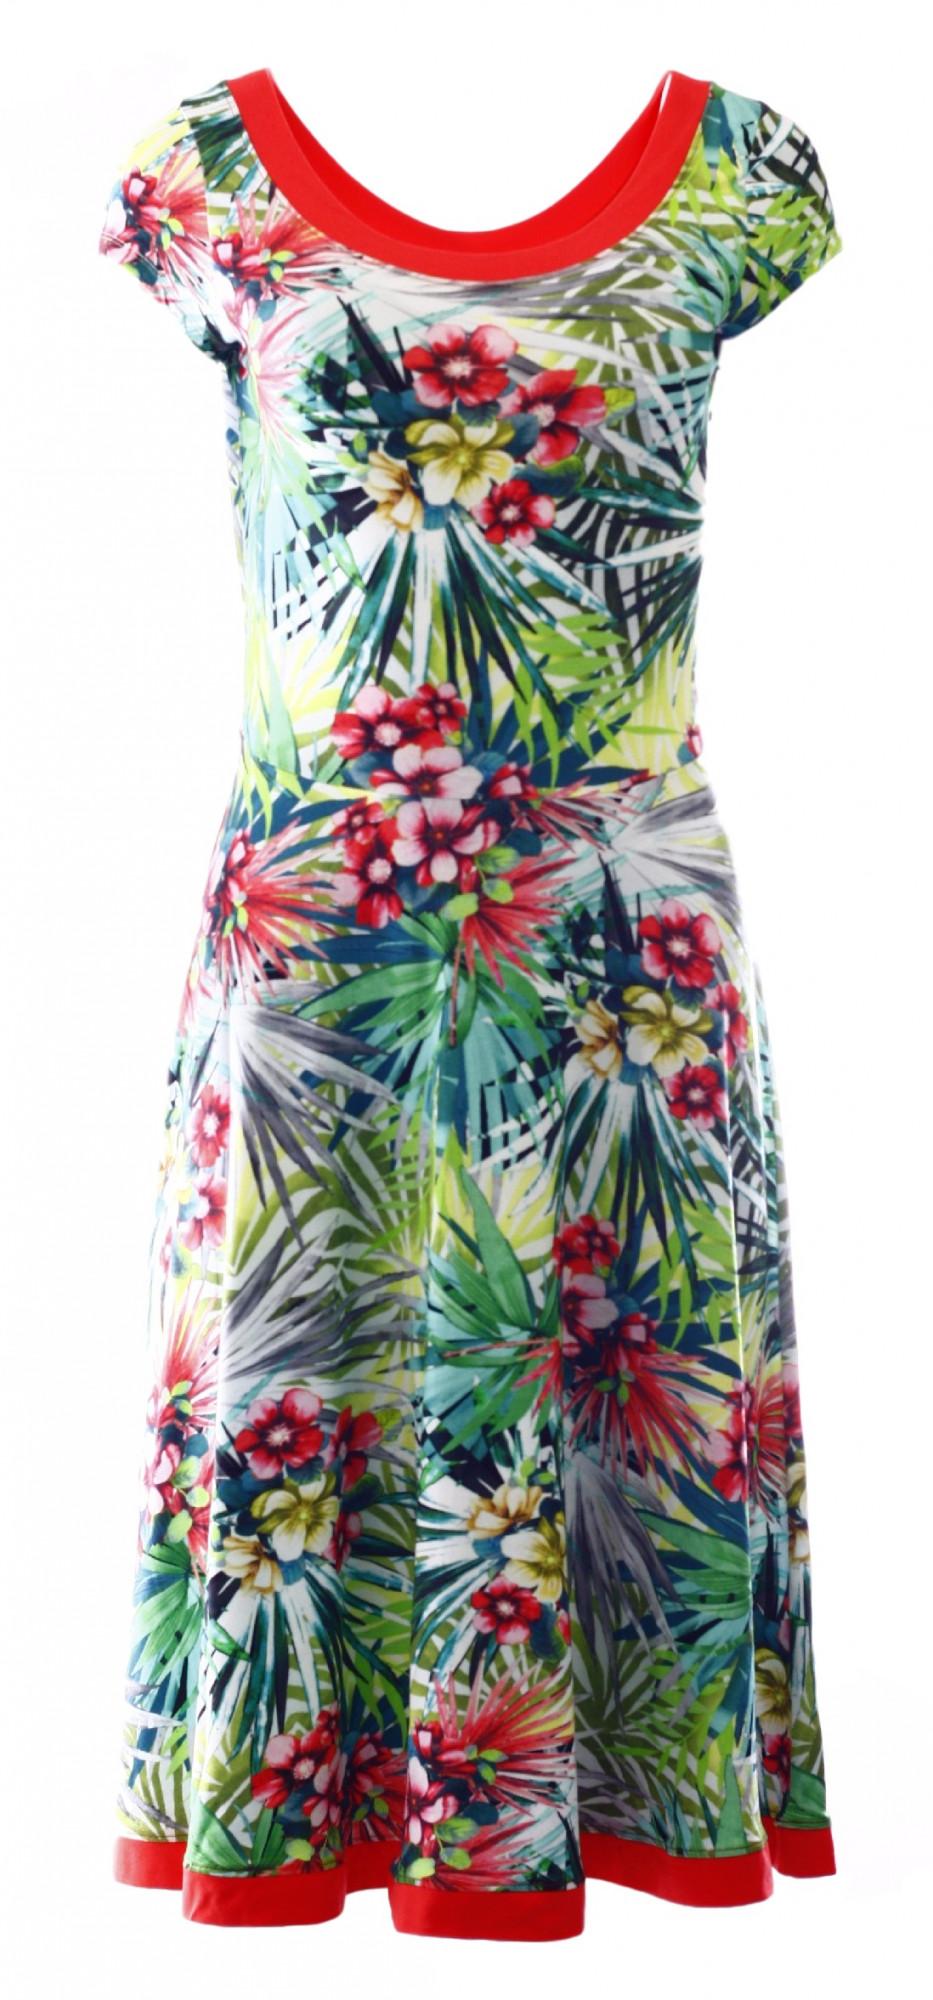 Dámské šaty 6269 - Vamp Barva: květinový vzor, Velikost: L